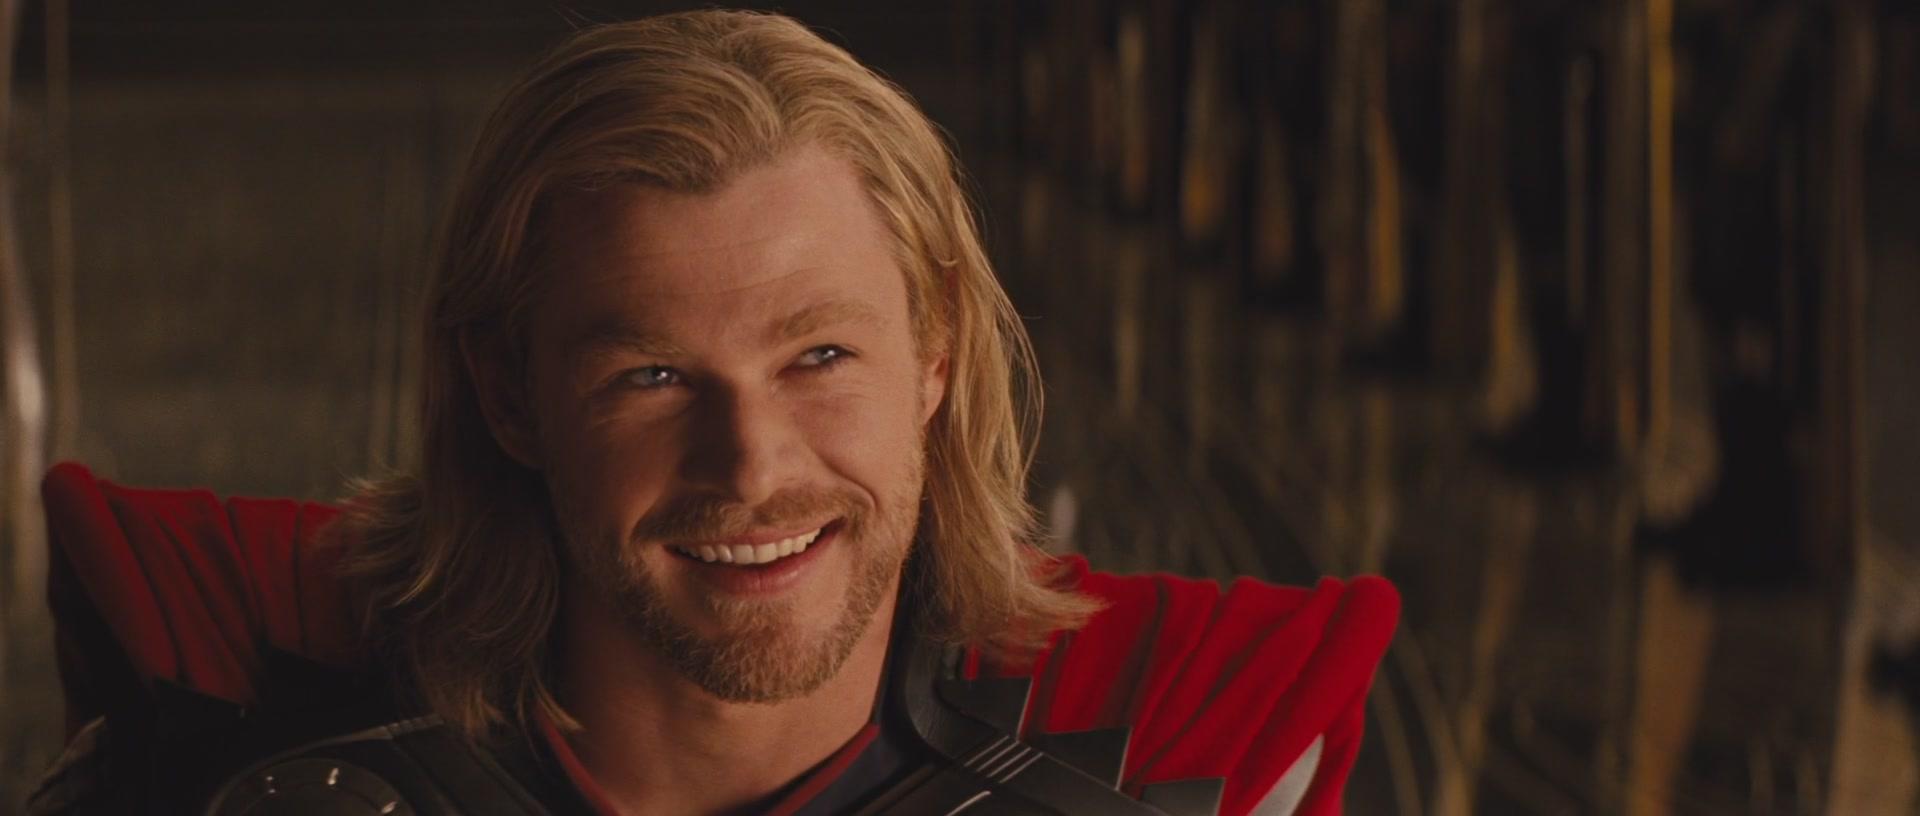 Thor Odinson Disney Wiki Fandom Powered By Wikia